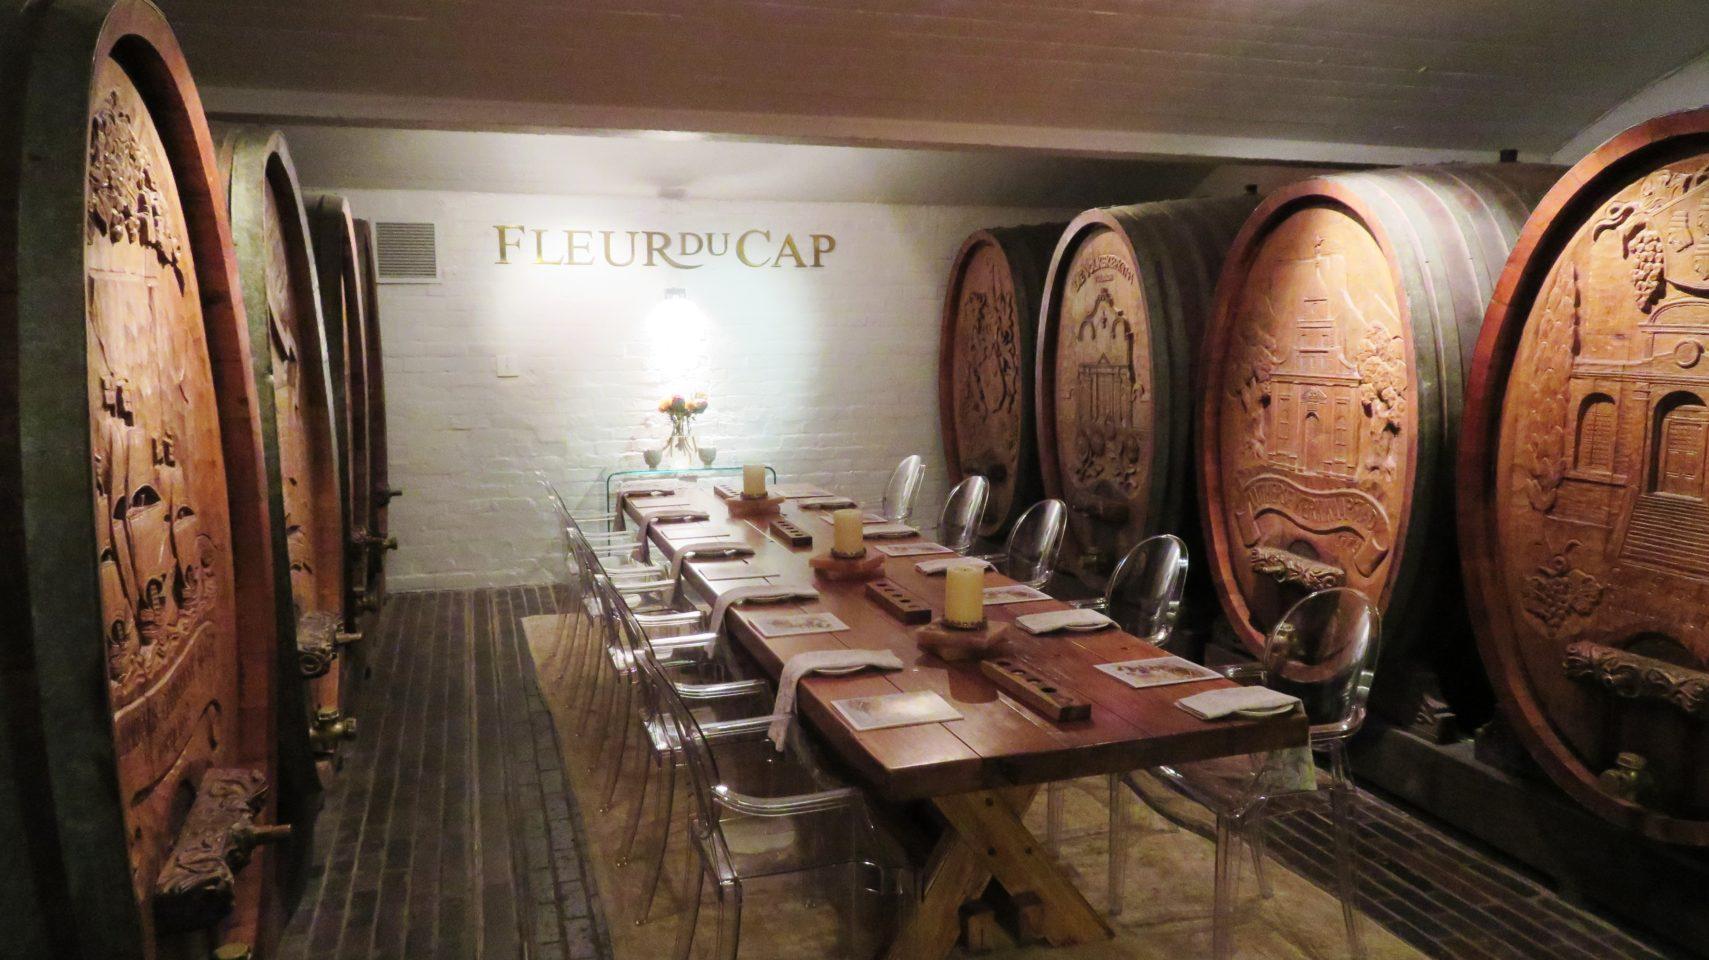 Die Bergkelder, home of Fleur du Cap wines, in Stellenbosch, South Africa